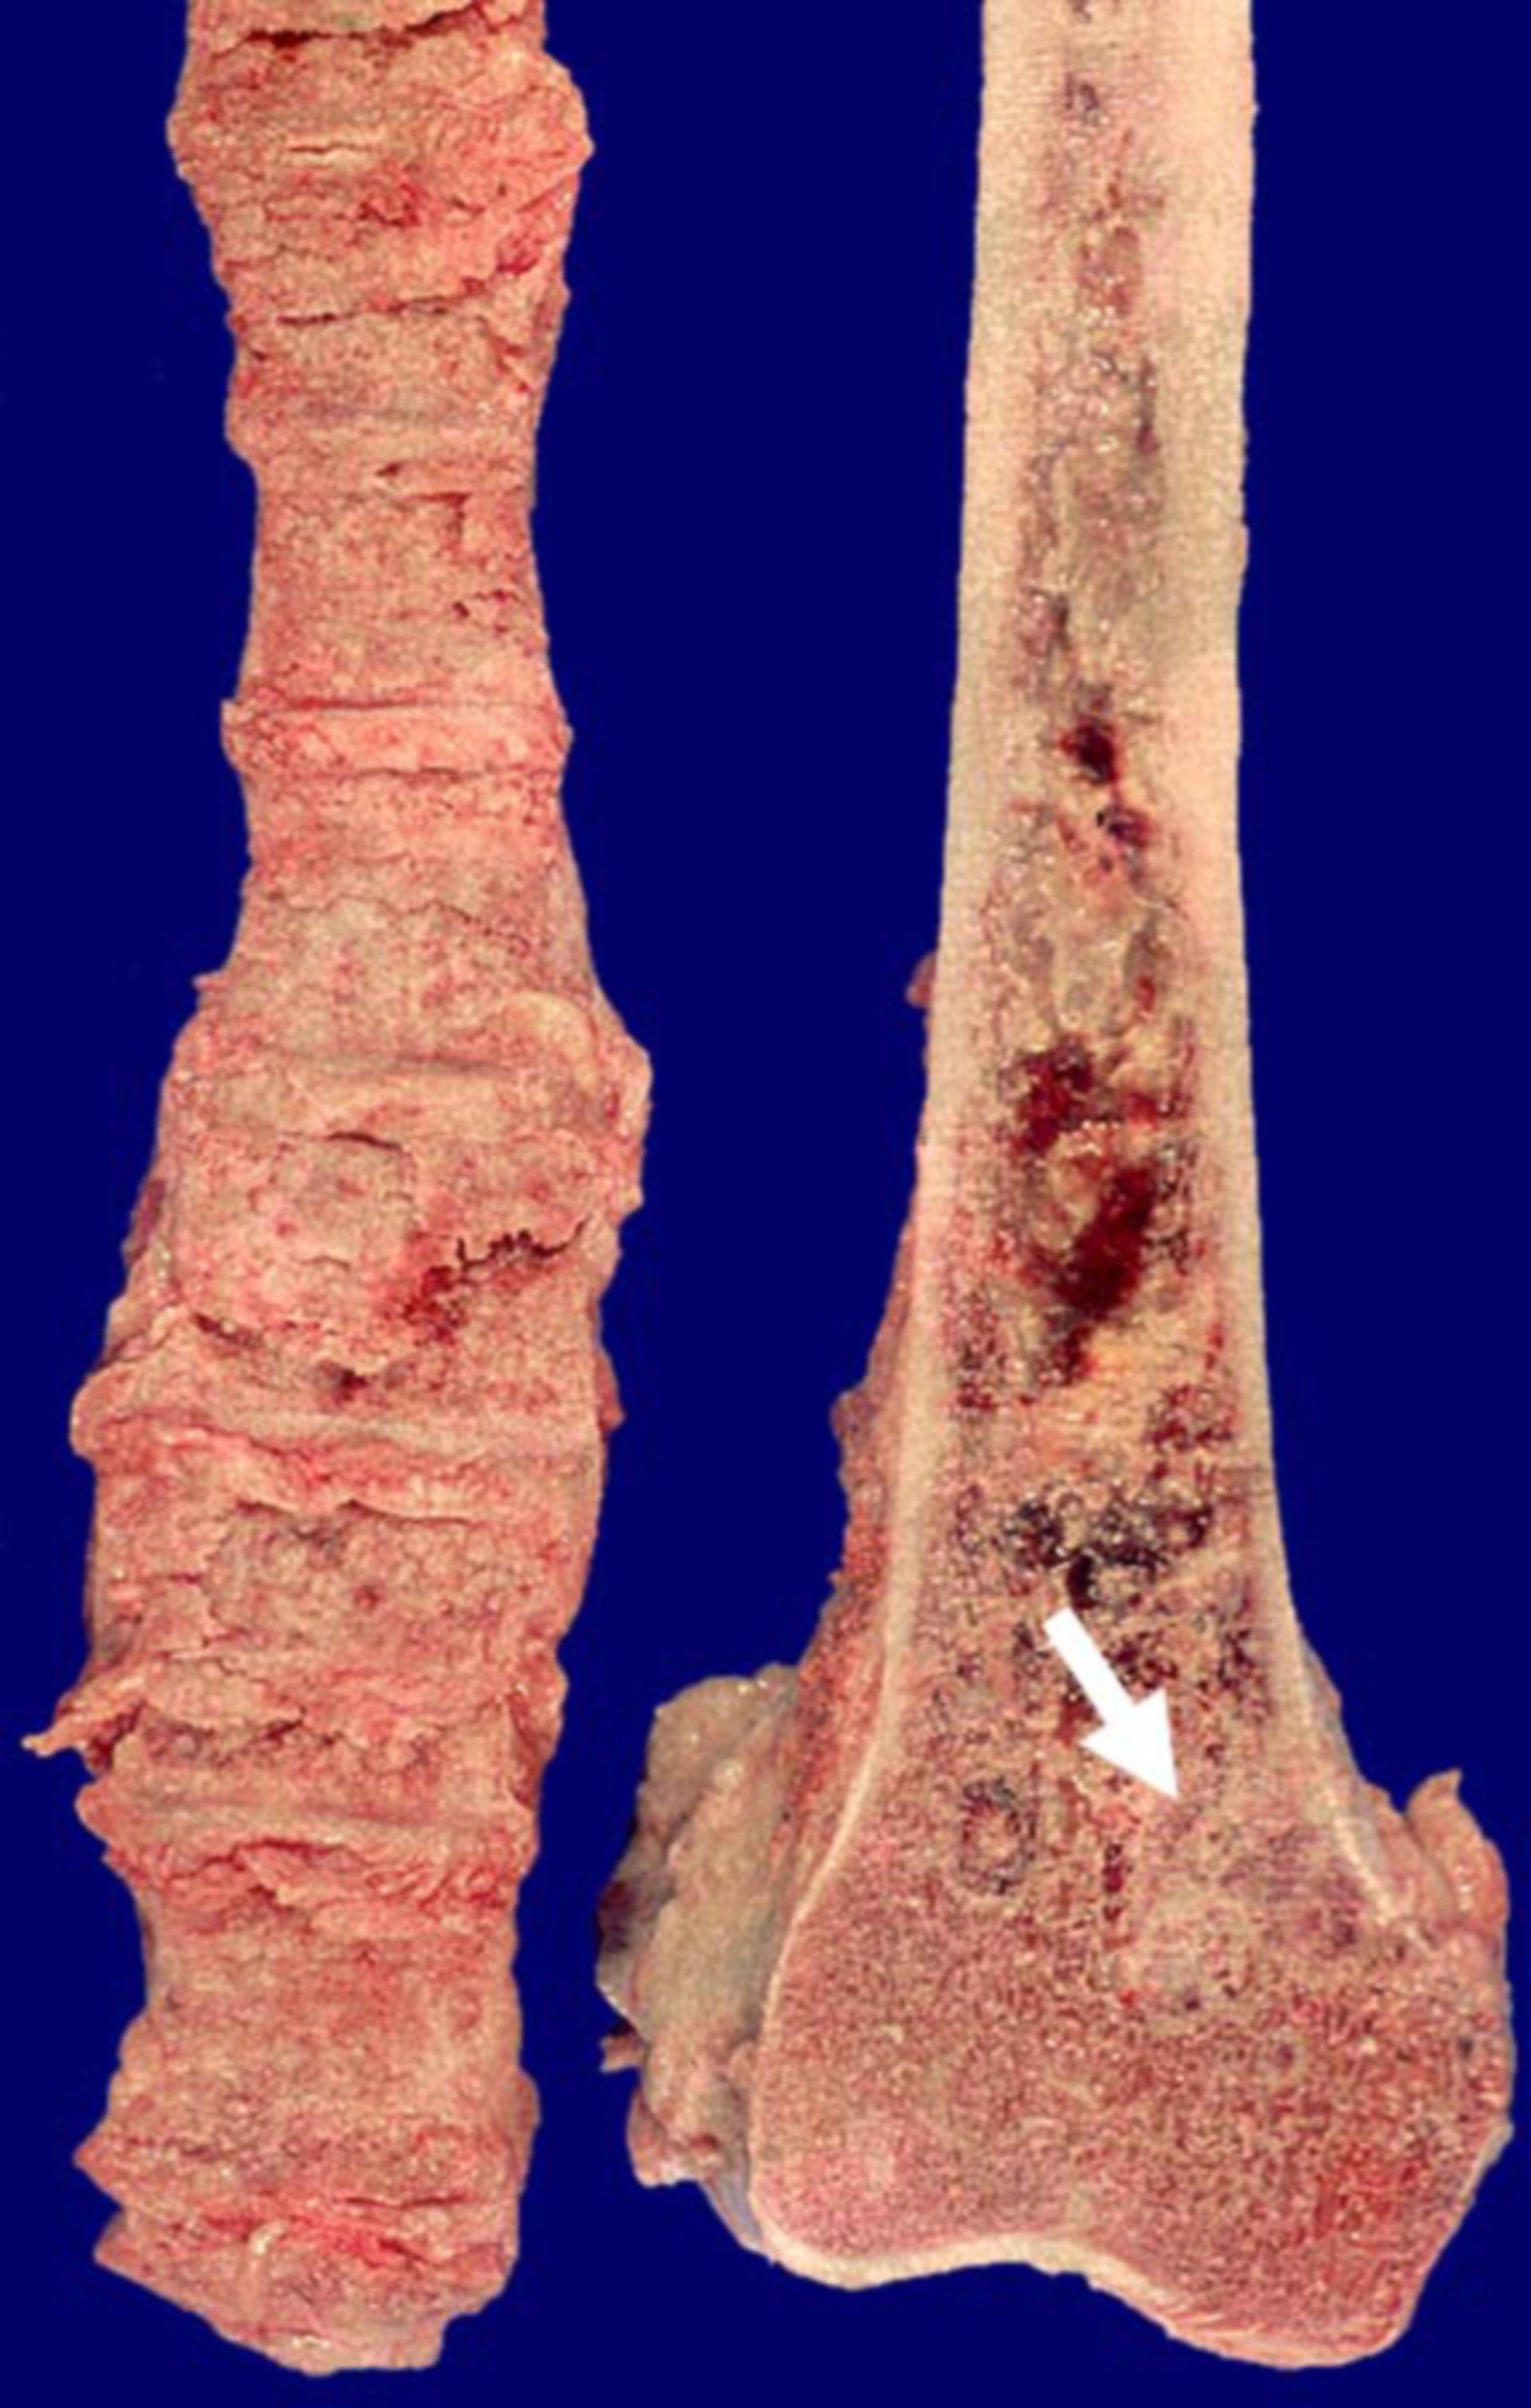 Knochenmetastasen eines Prostatakarzinoms